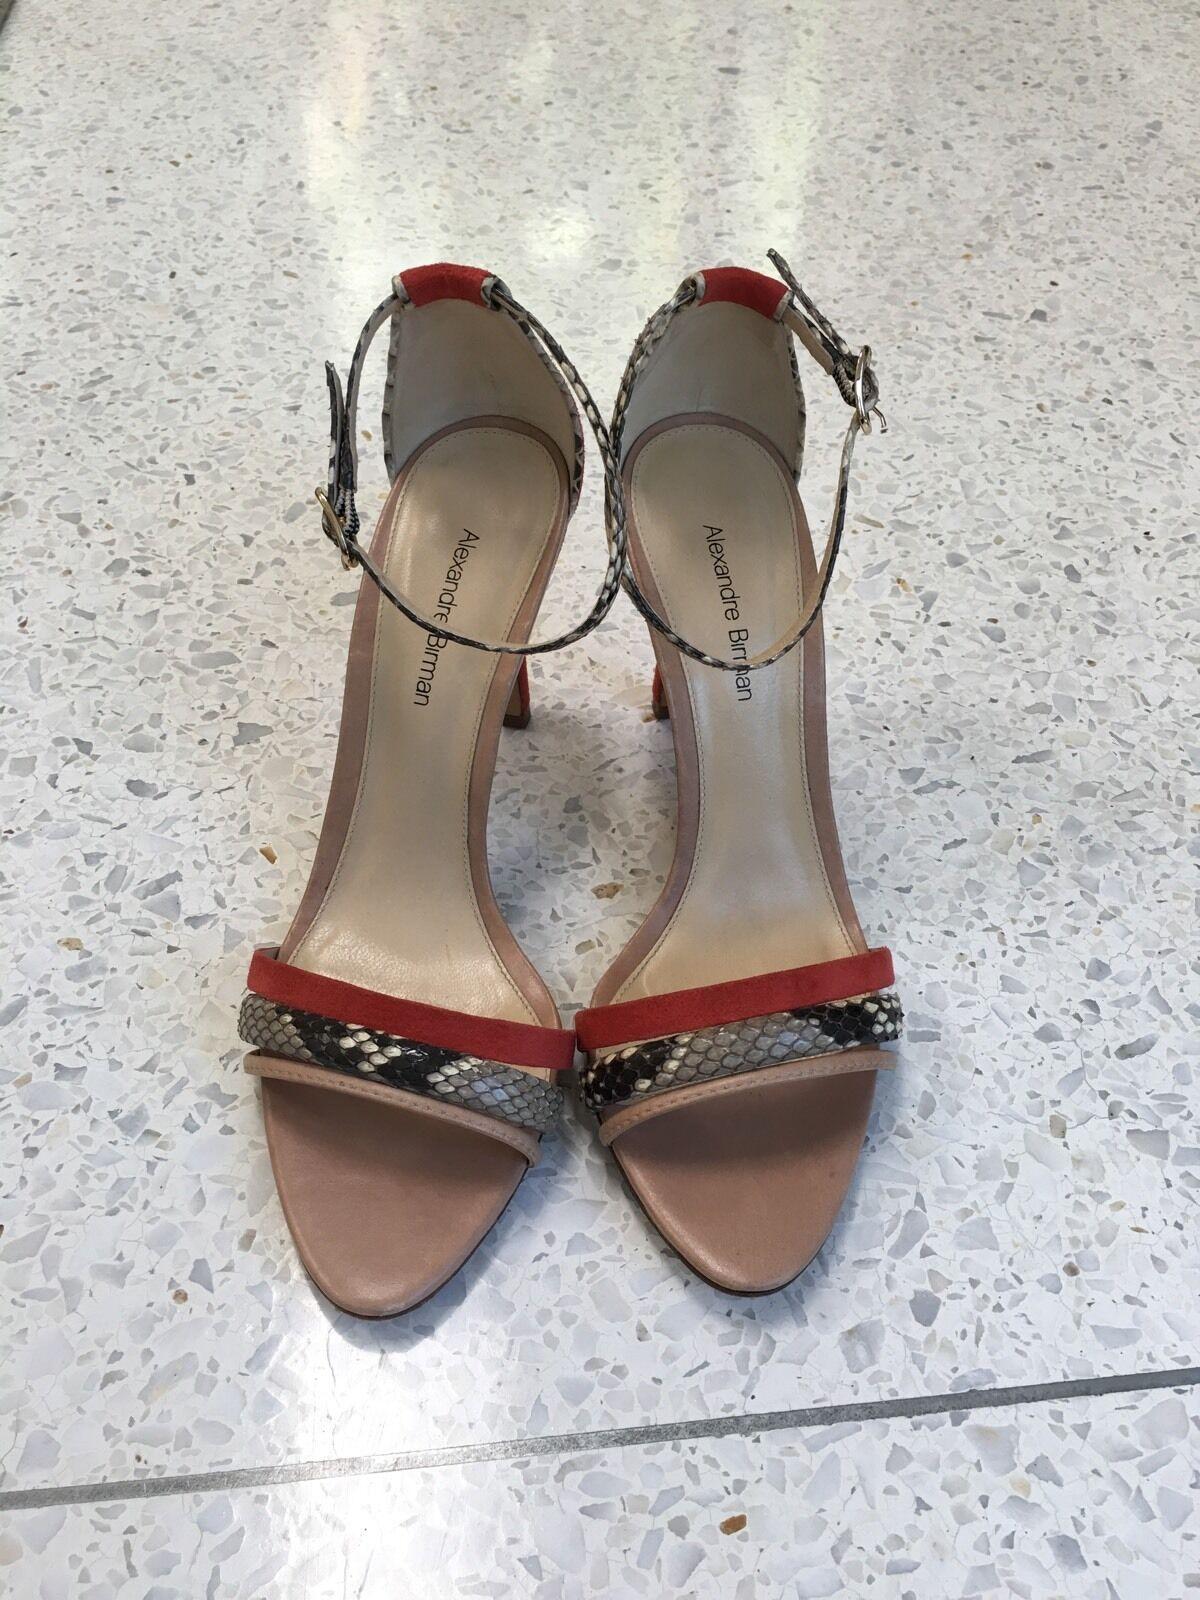 prezzo ragionevole Alexandre Birman Snakeskin & Leather Suede Lace-Up Sandal Heels Heels Heels arancia Beige 7  prezzo basso